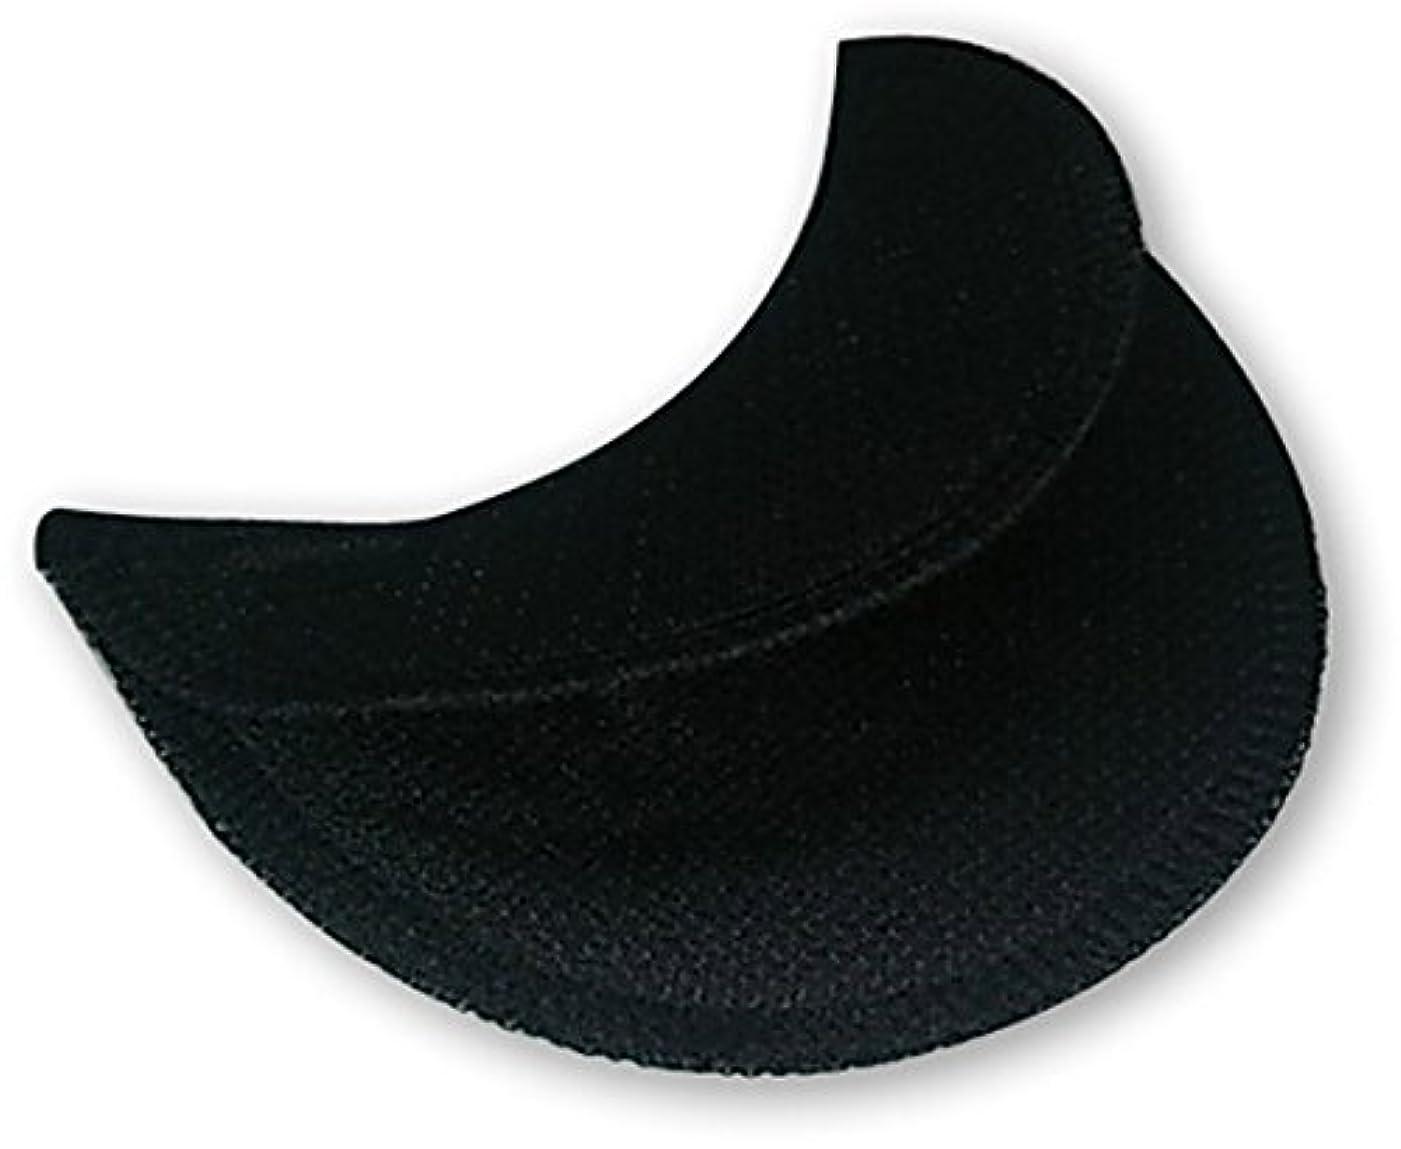 ケニア周り全滅させる洗える脇汗????女性用 cool&dry 黒<2セット入(ボタン付き)>